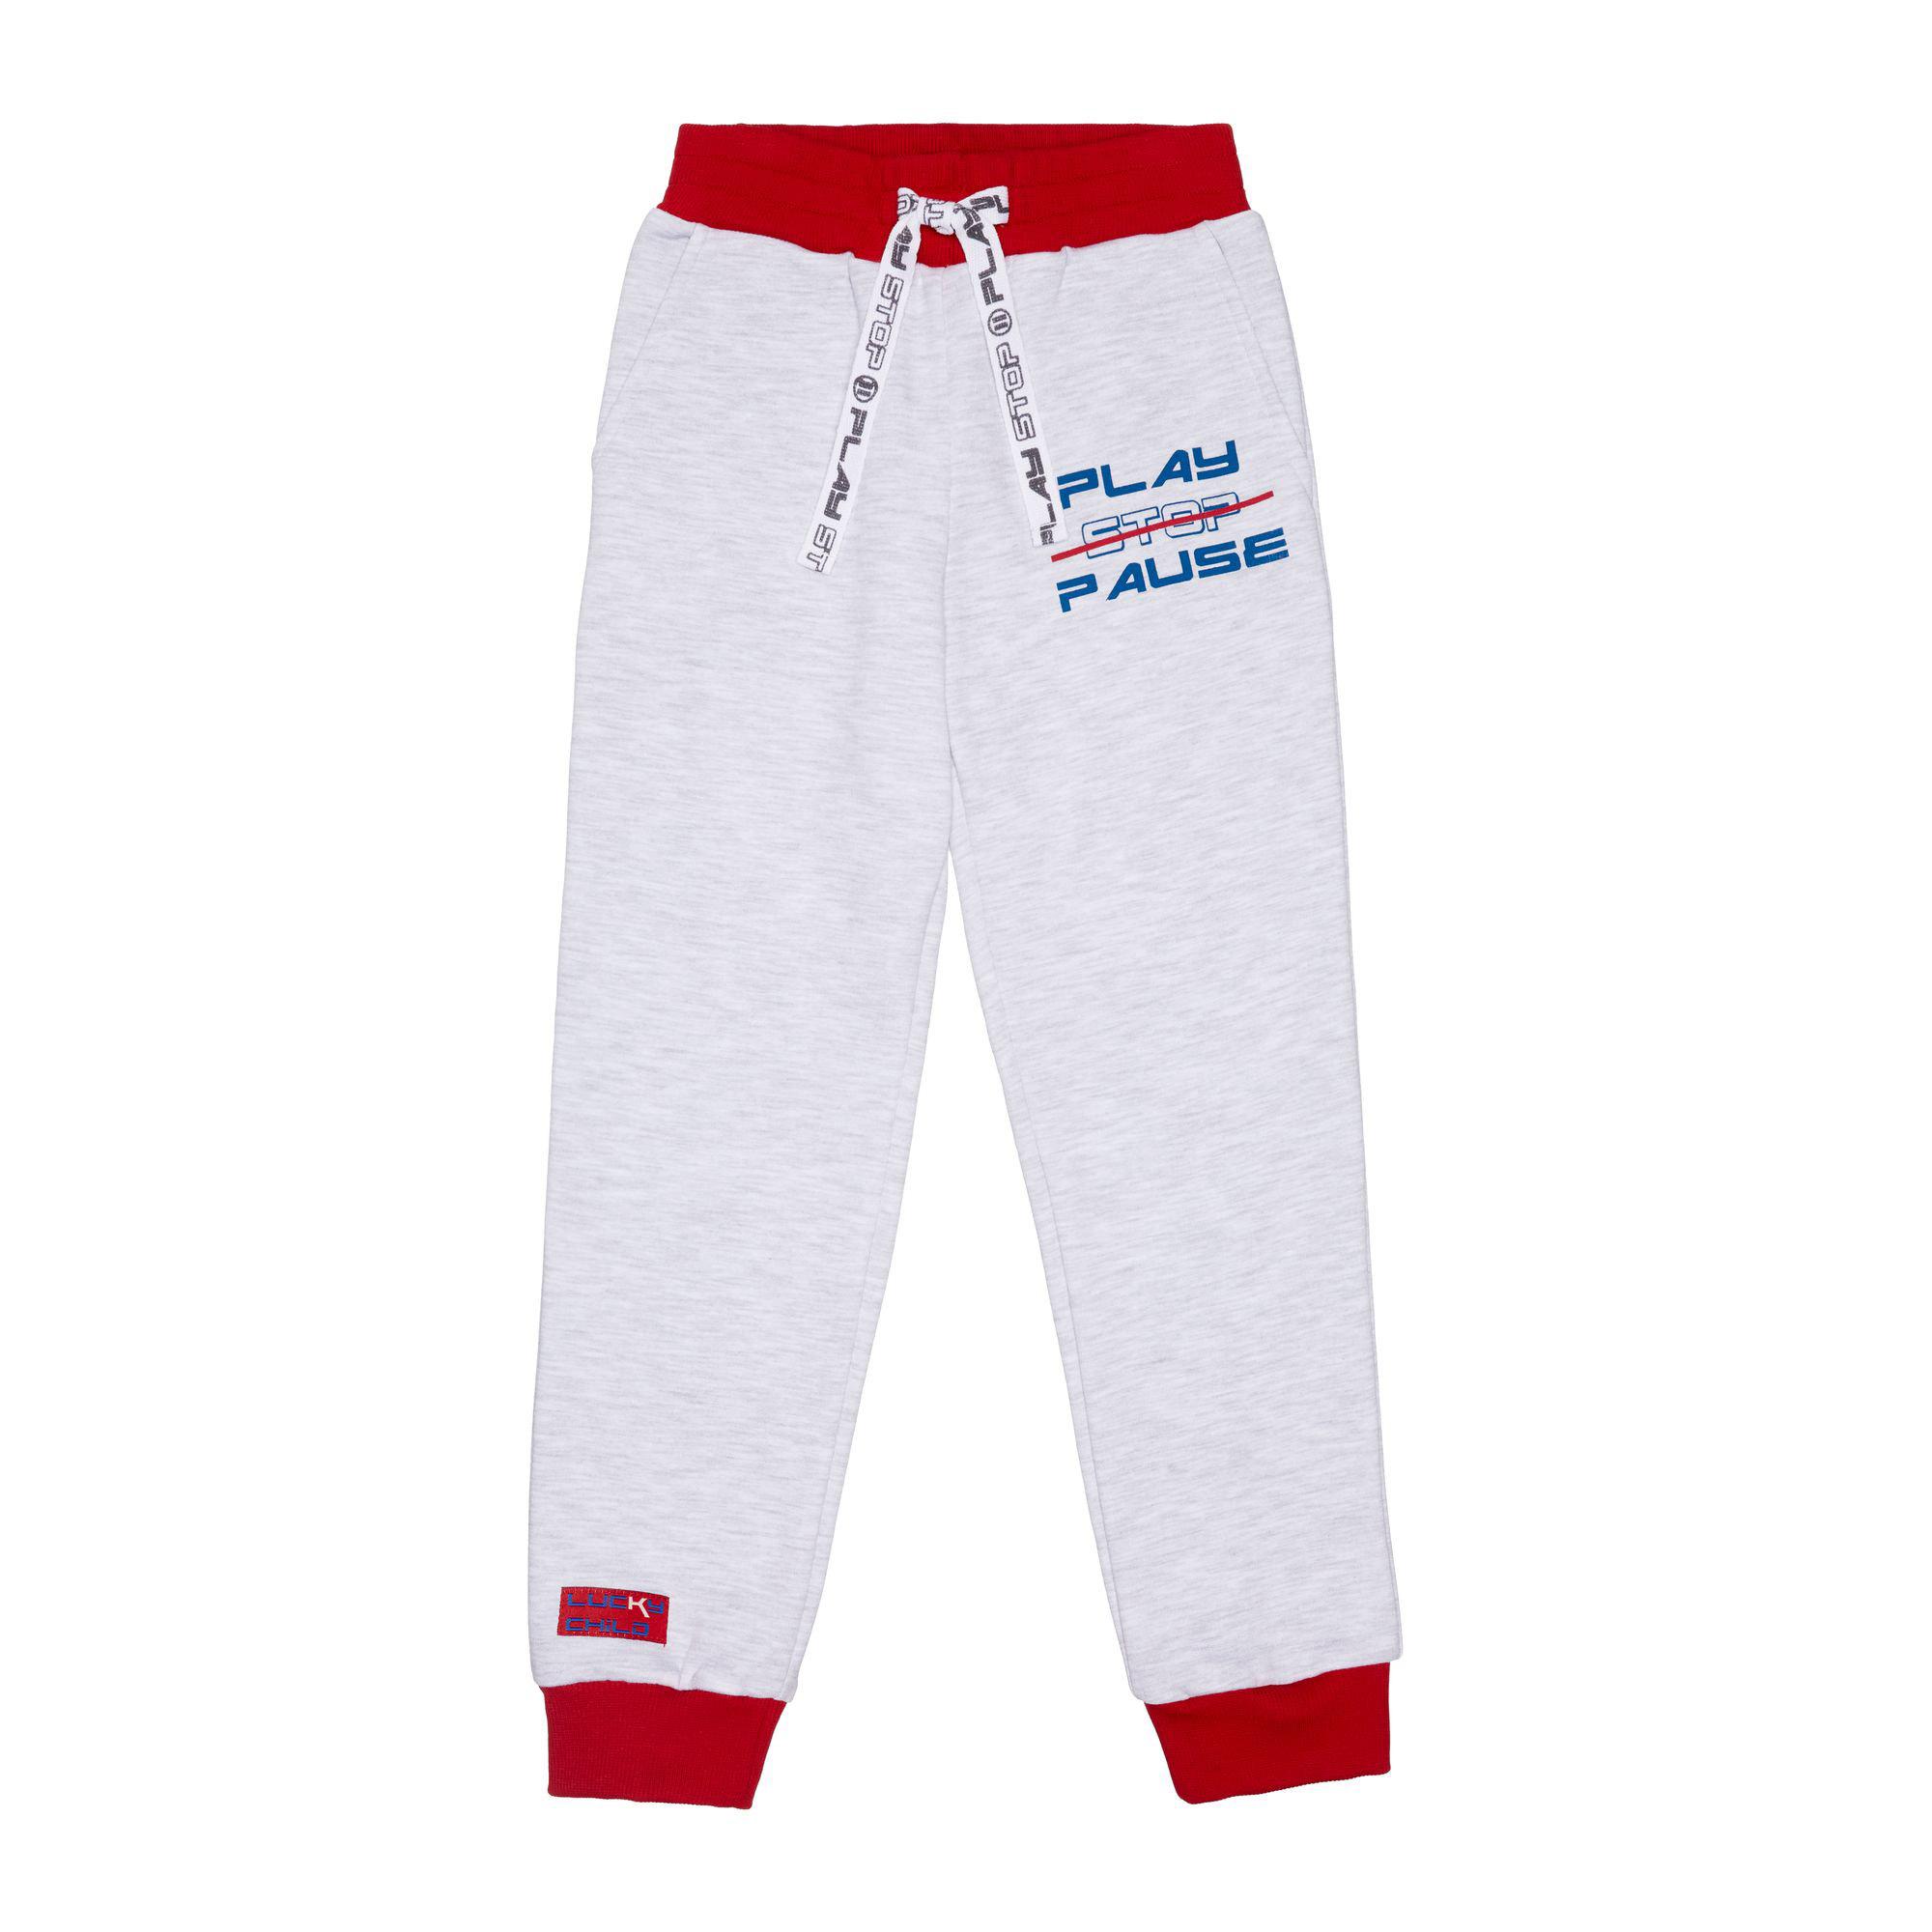 Спортивные брюки Lucky Child Больше пространства серые 122-128